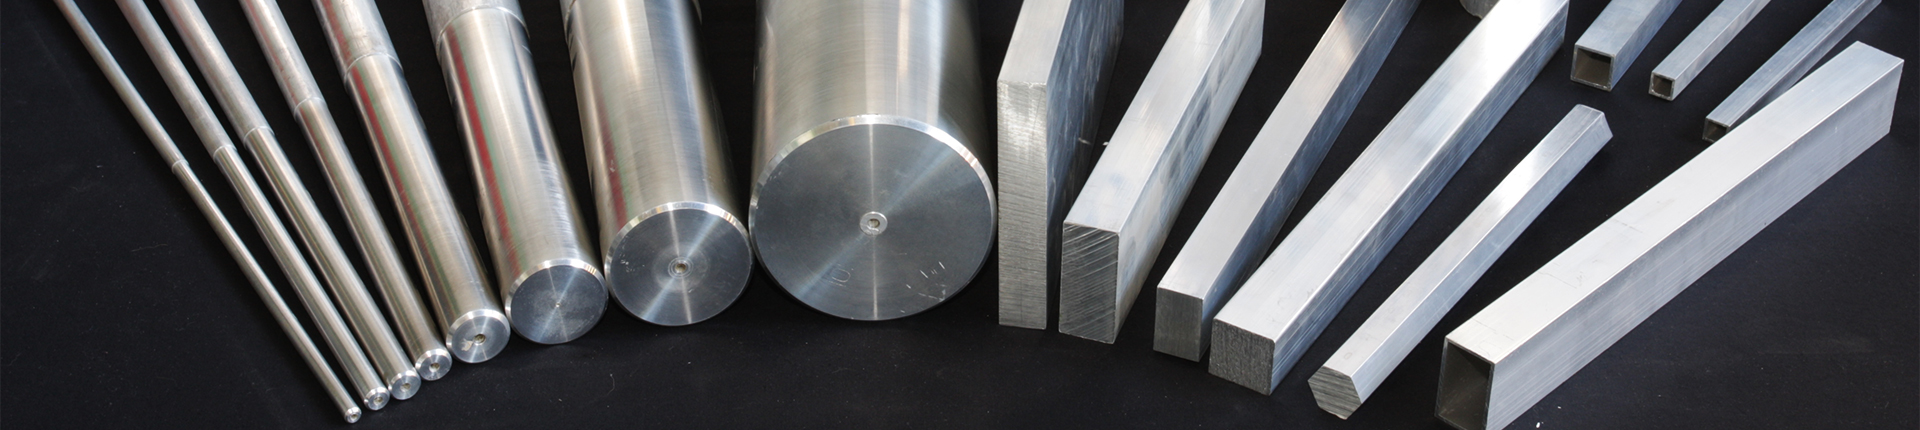 Lastre alluminio roma pannelli termoisolanti for Lastre alluminio leroy merlin